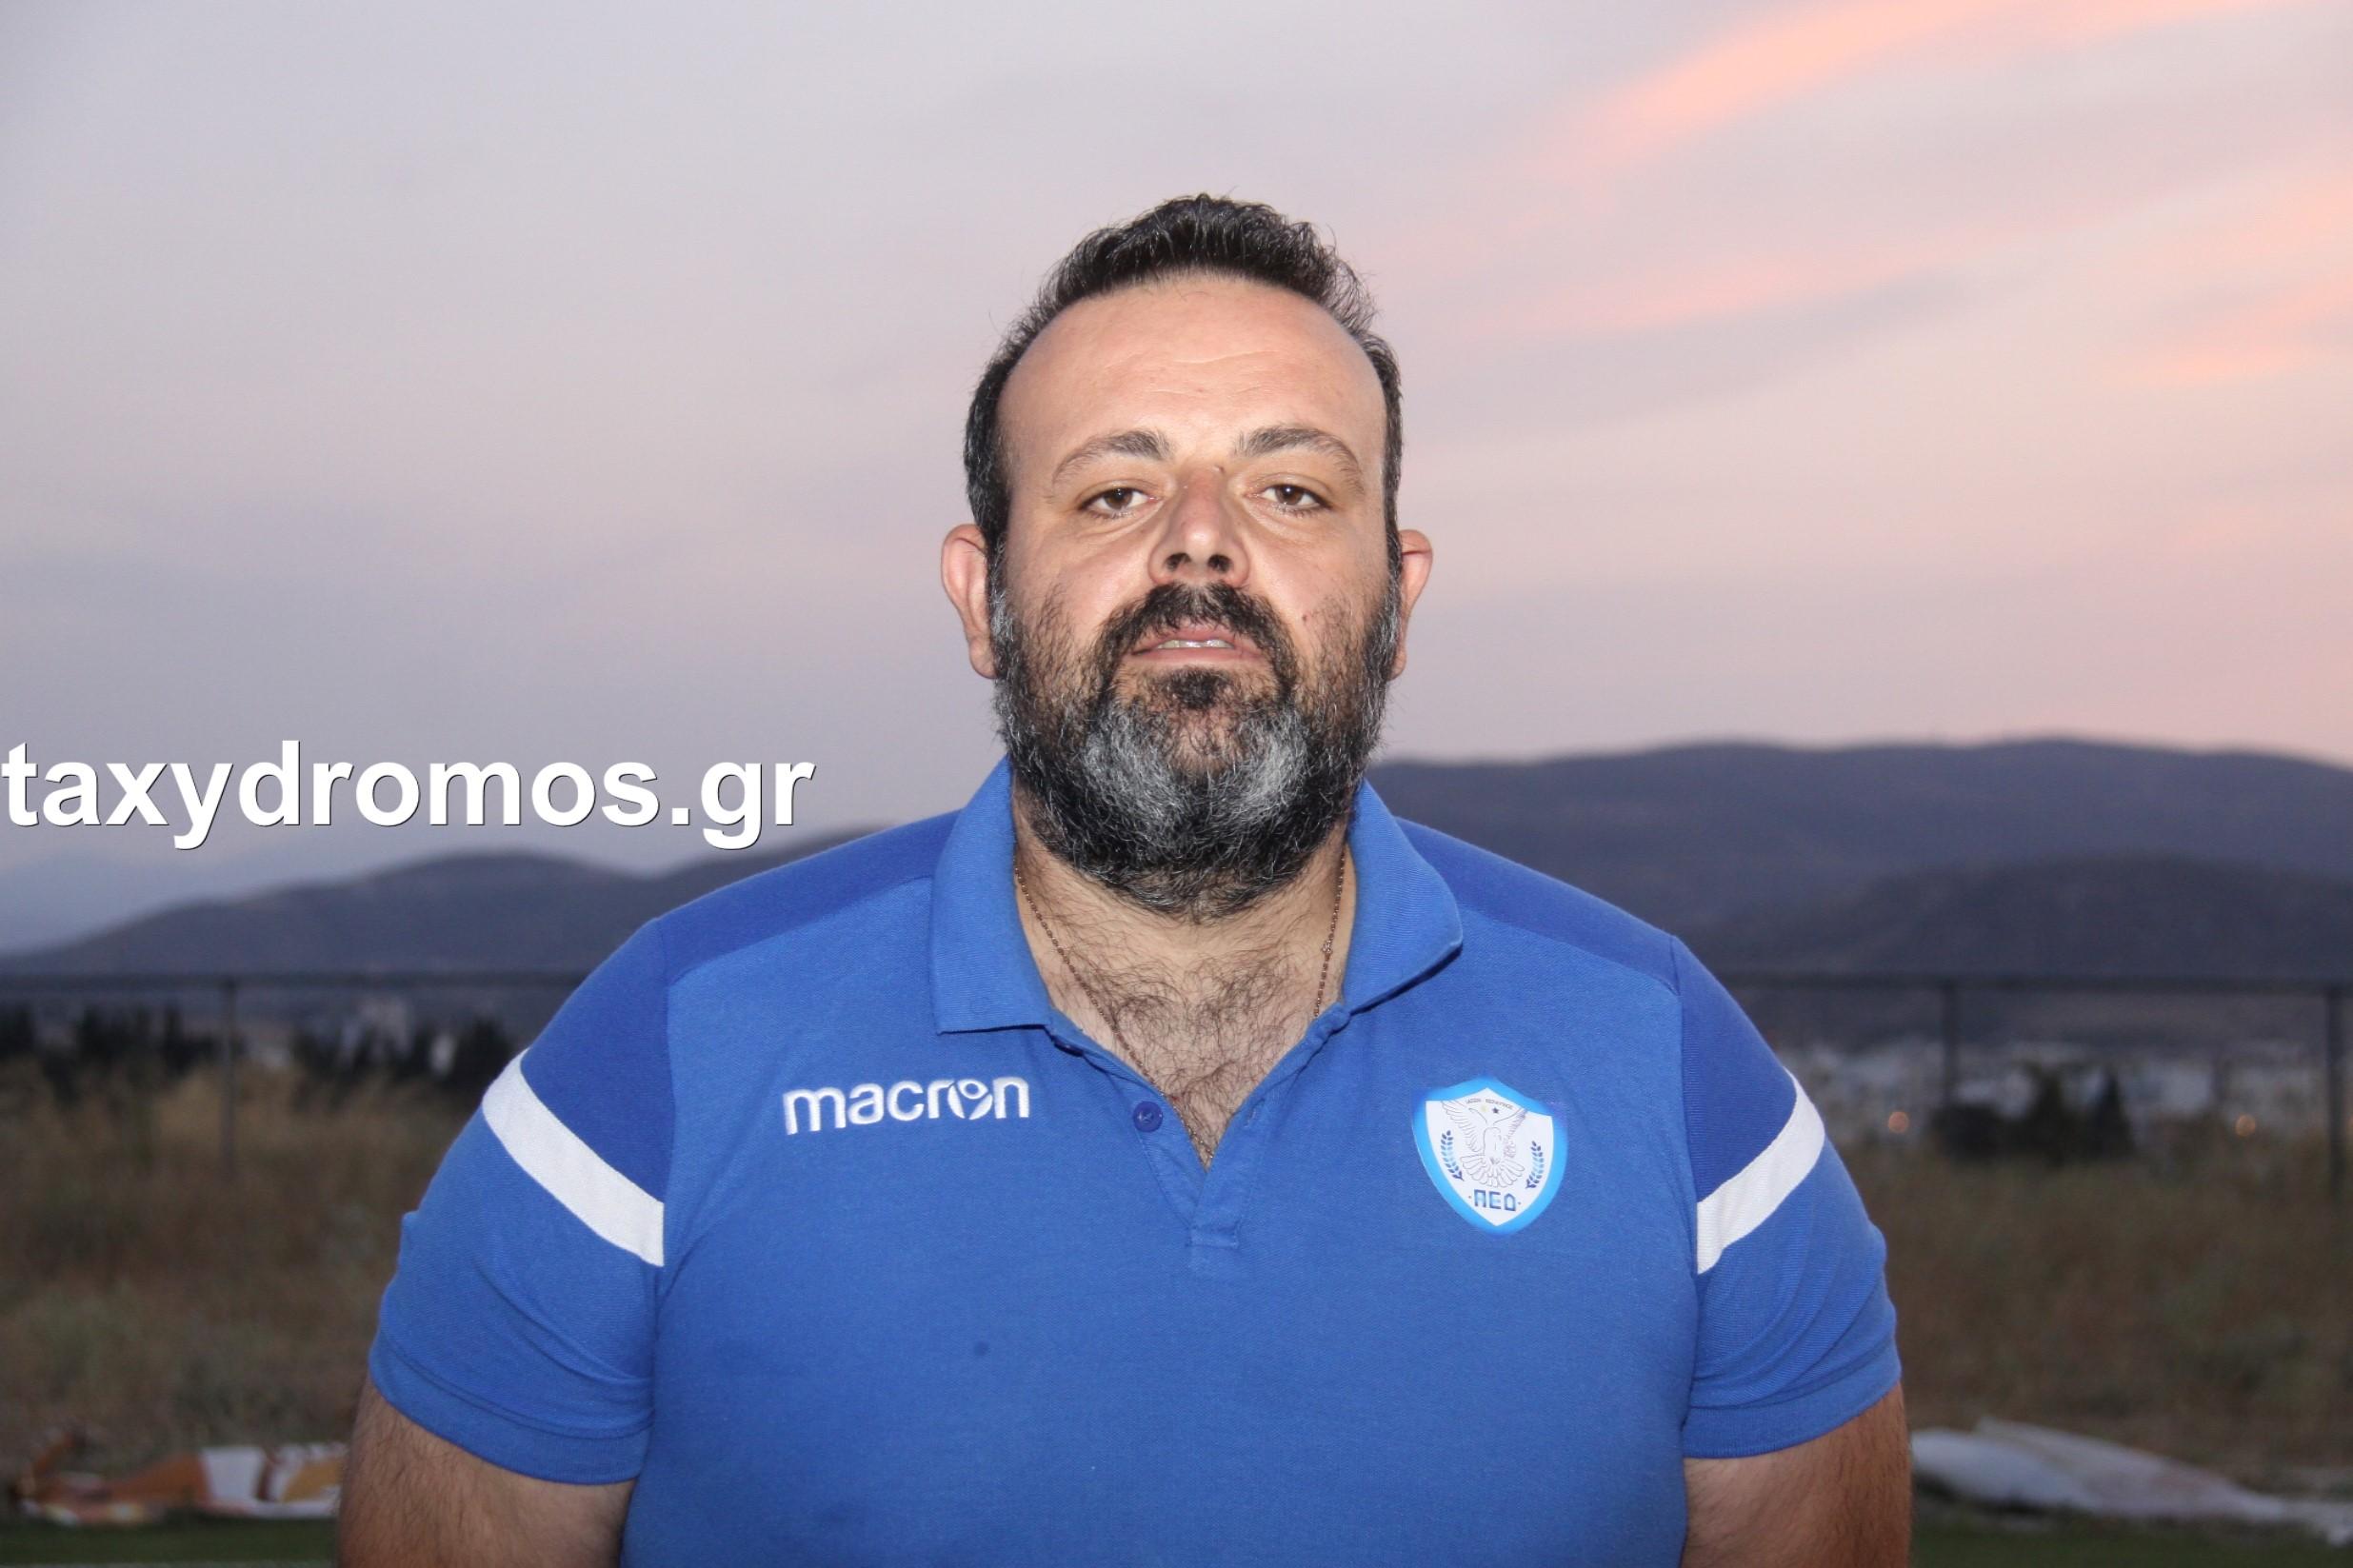 Νέο μέλος στο προπονητικό επιτελείο του Πυράσου ο Δημήτρης Μπράτσος